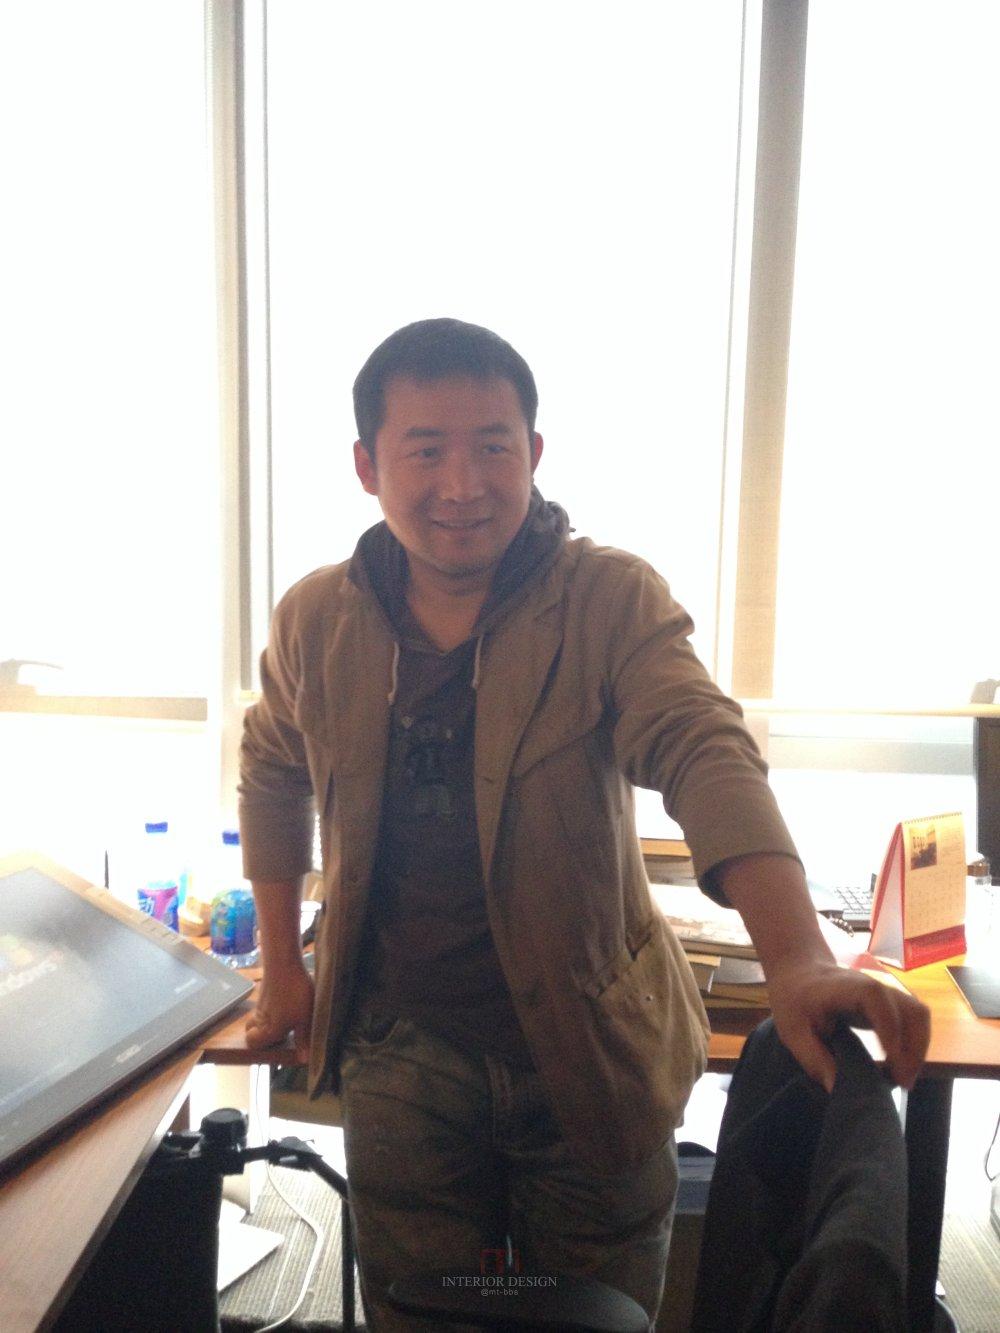 马蹄2013-2014年第四届深圳设计年会活动(年会专题信息收集)_IMG_6458.JPG